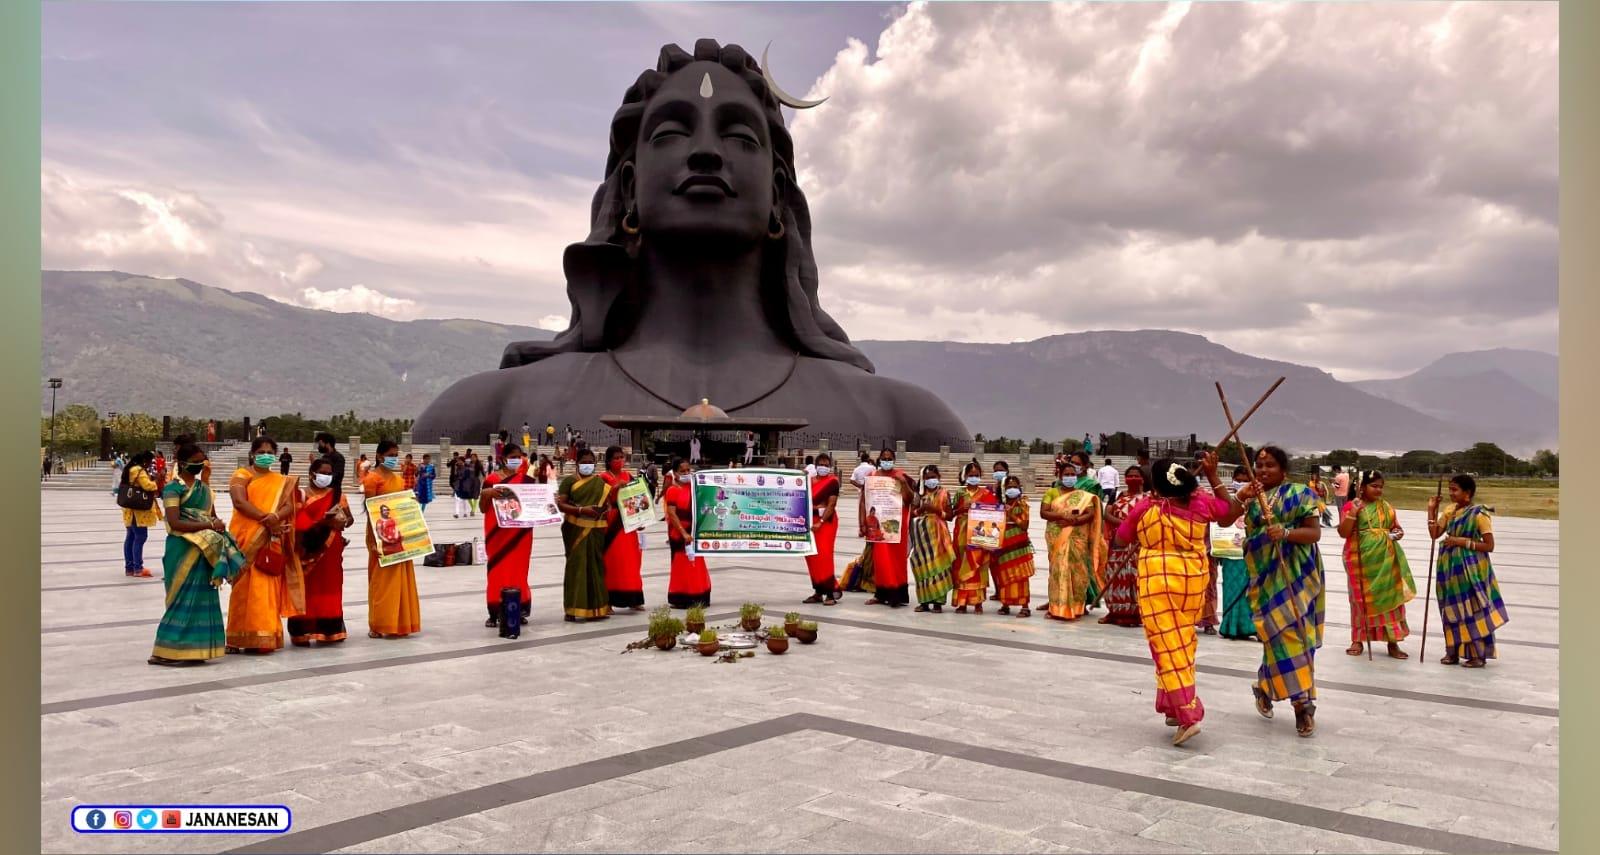 ஈஷா : ஆதியோகி முன்பு ஊட்டச்சத்து விழிப்புணர்வு நிகழ்ச்சி